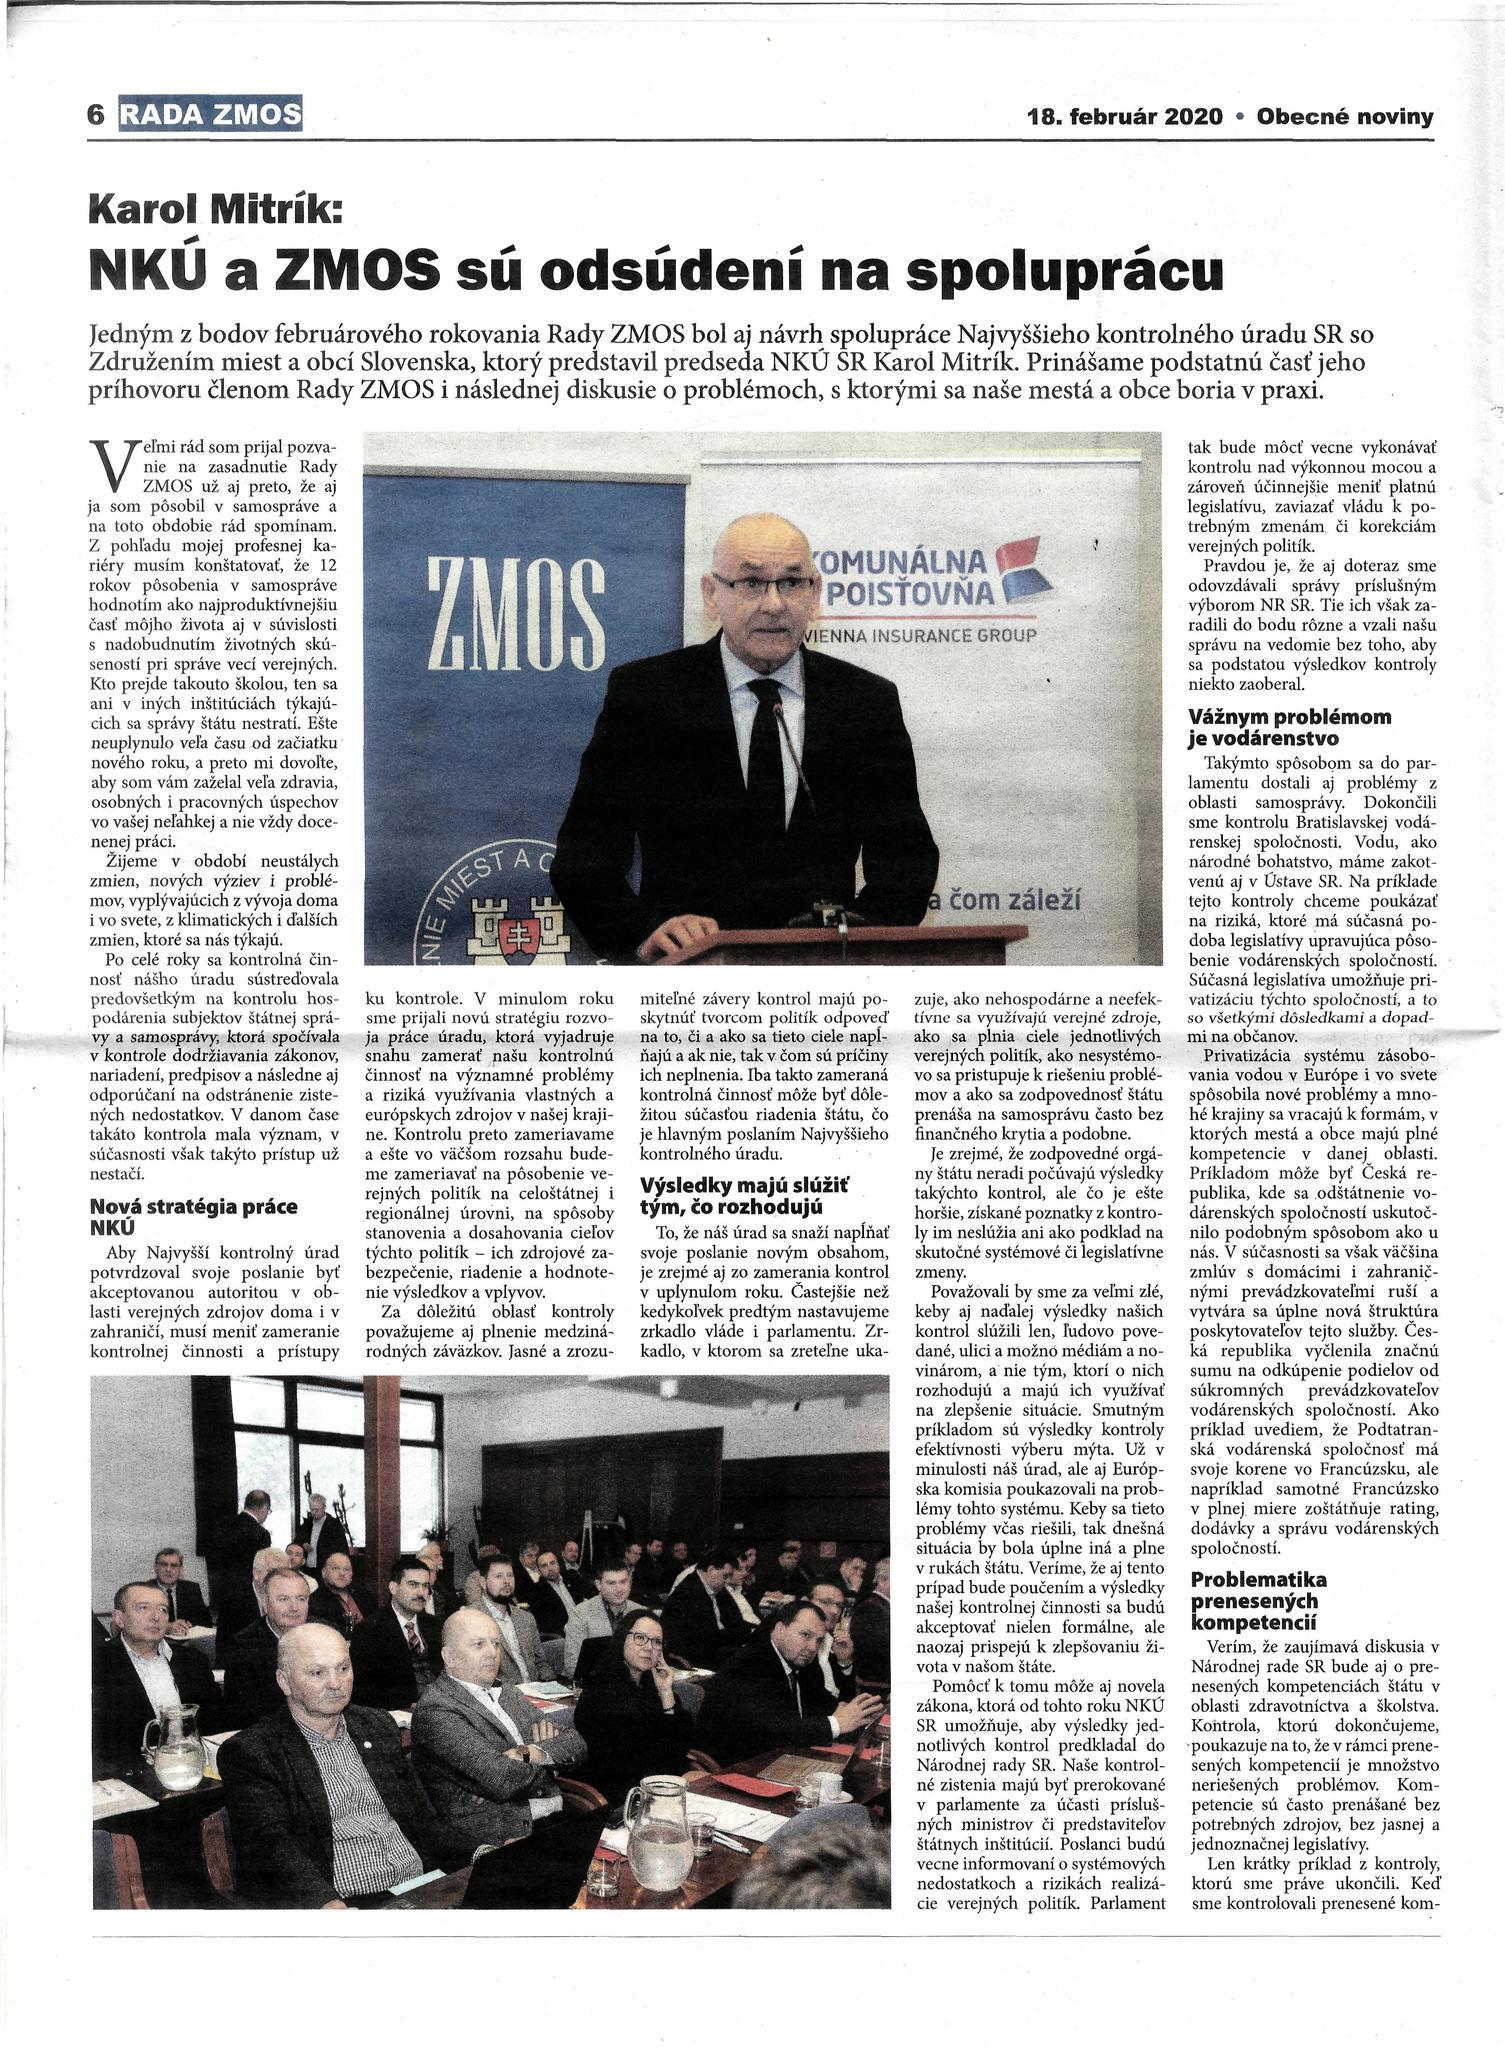 náhľad článku - Obecné noviny